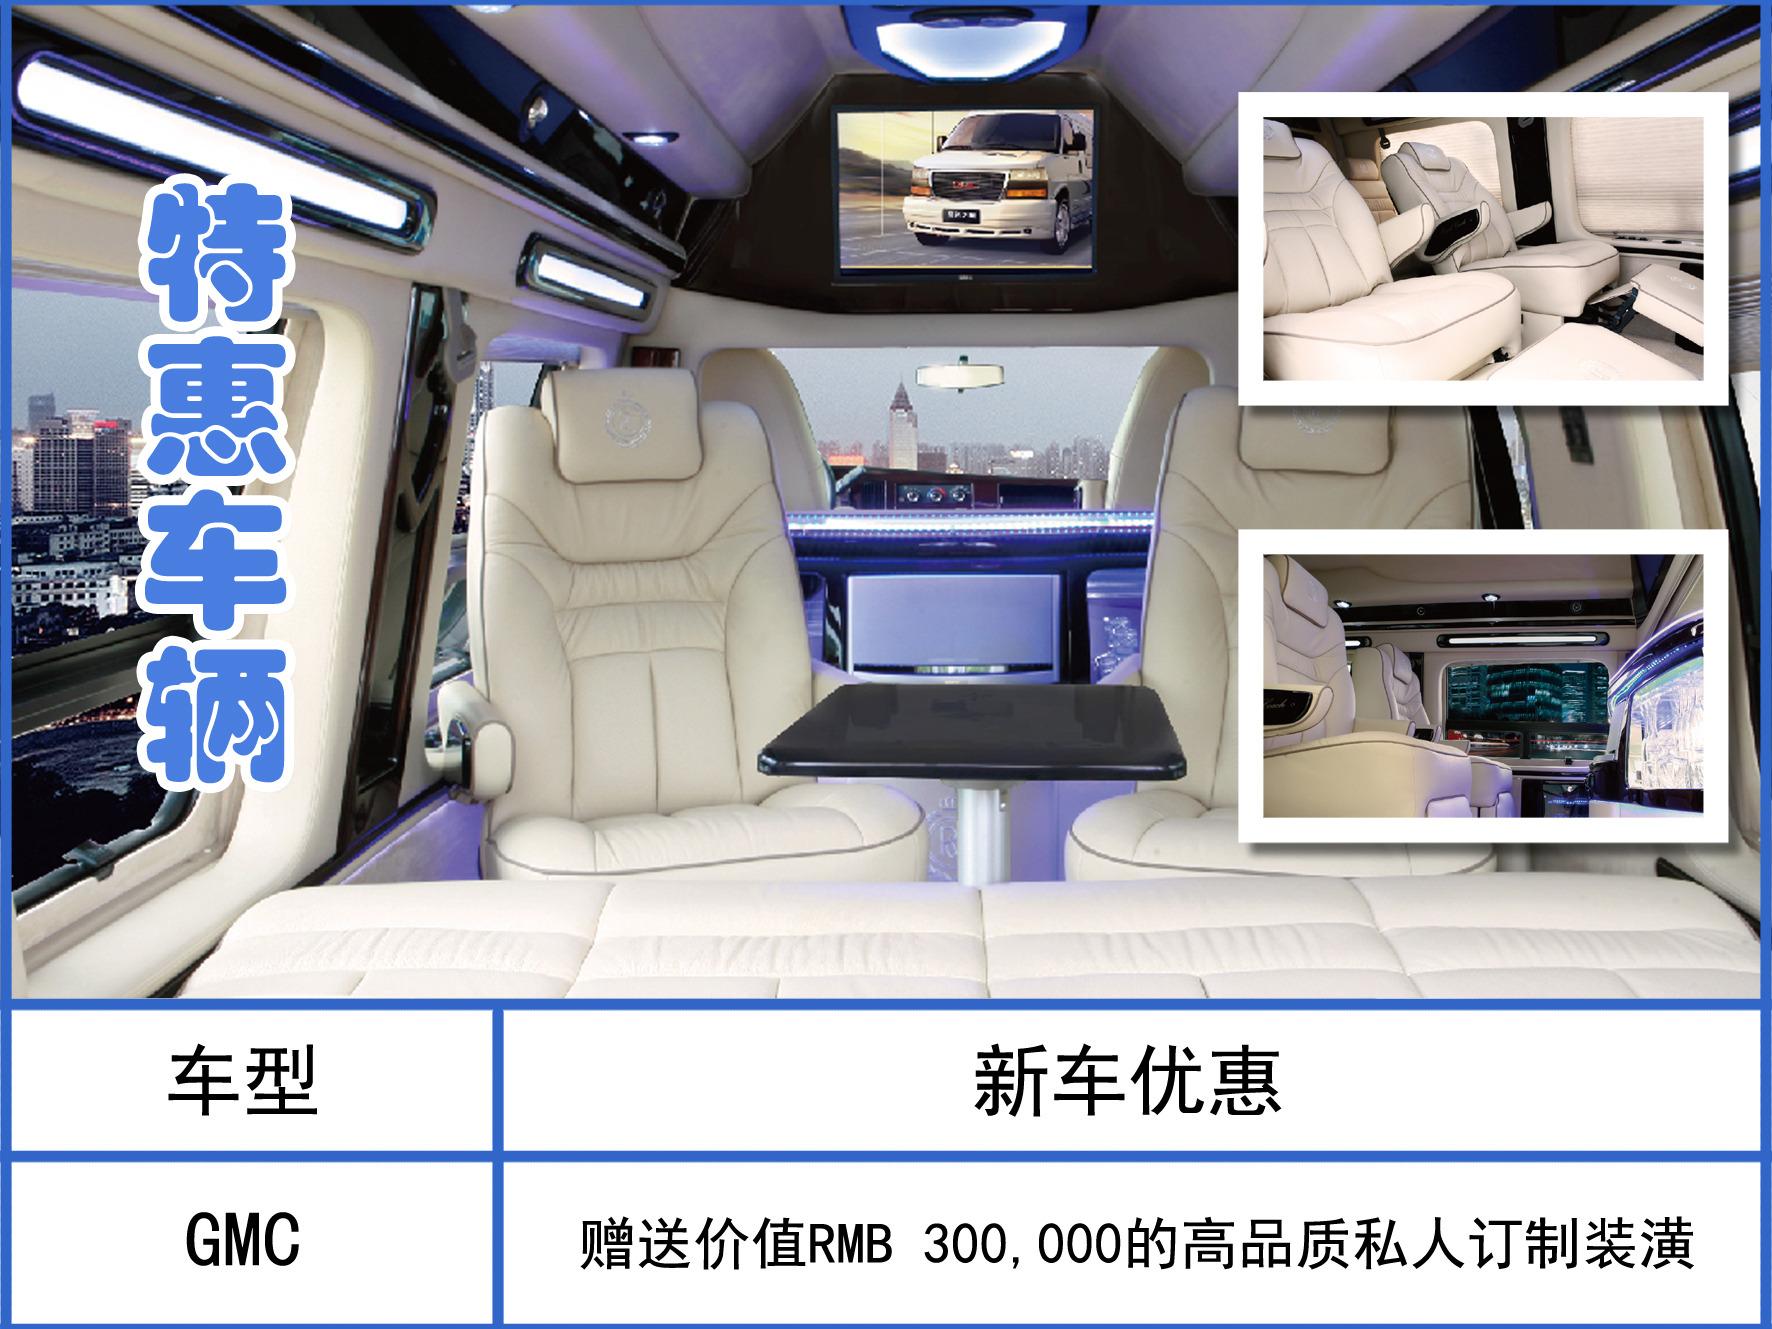 【宝信汽车集团豪华车超值拍卖会19日开启_天津申隆企业新闻】 - 网上车市